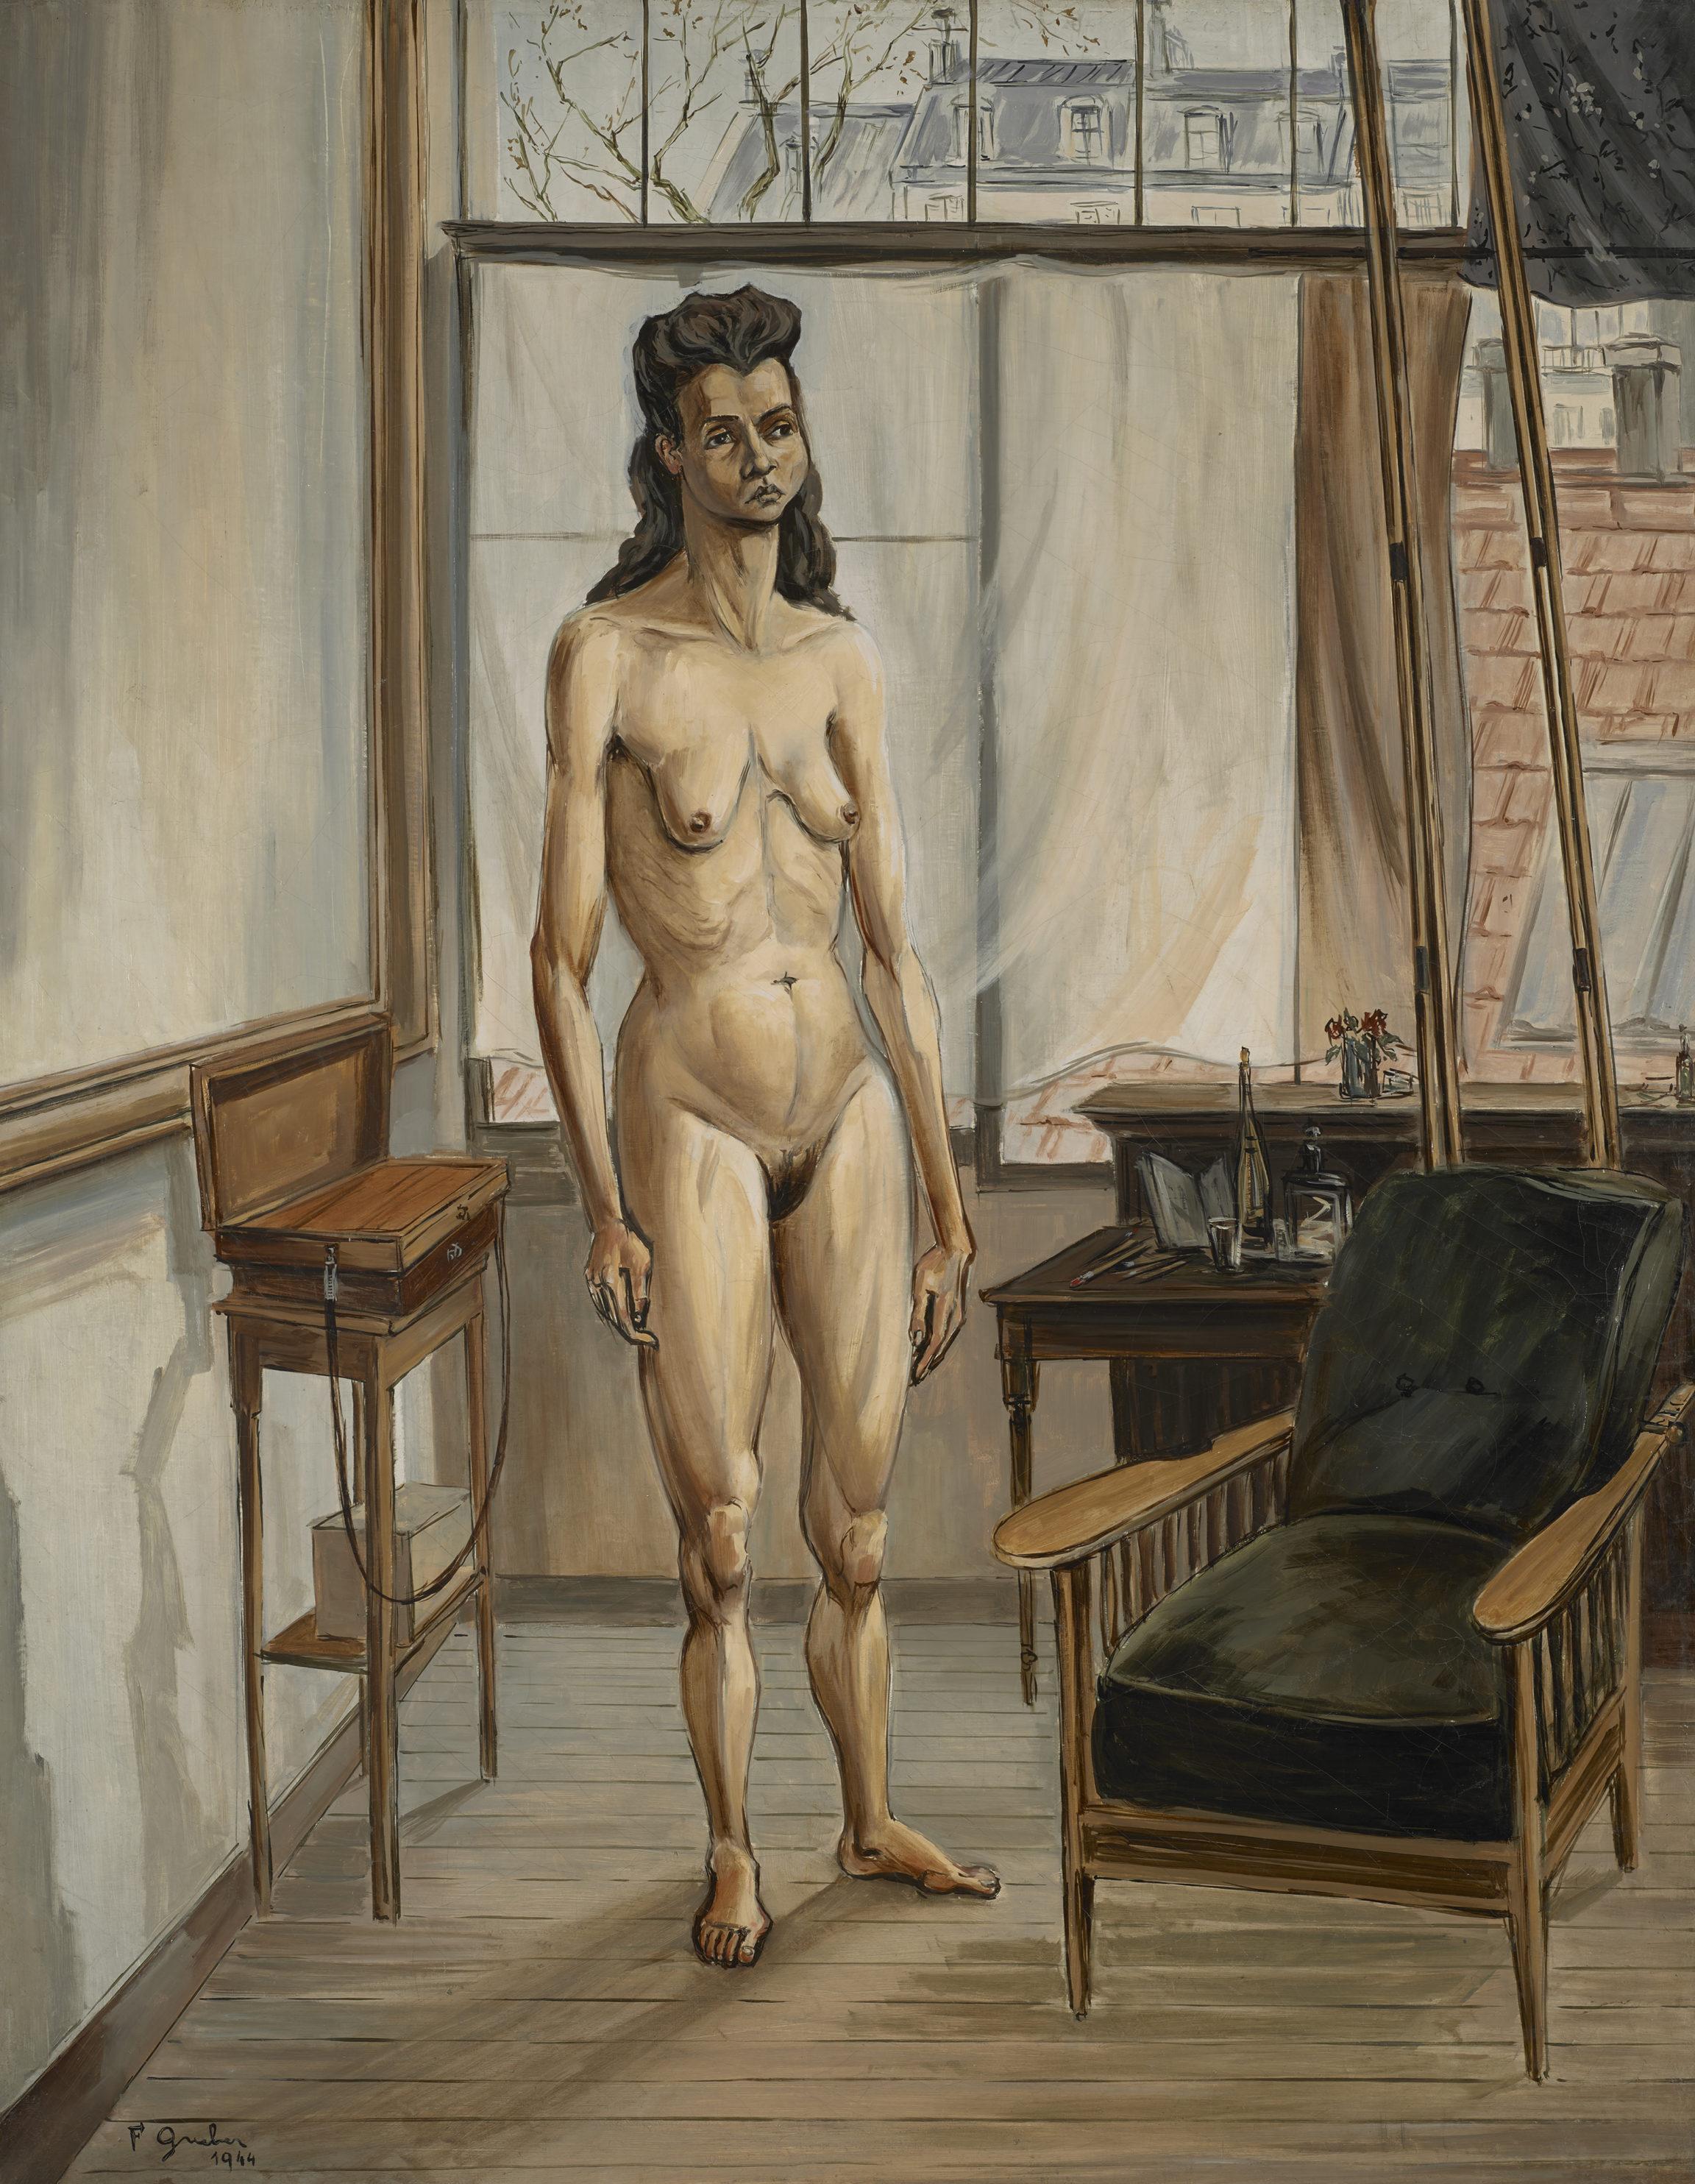 Francis Gruber, Nu dans l'atelier, 1944